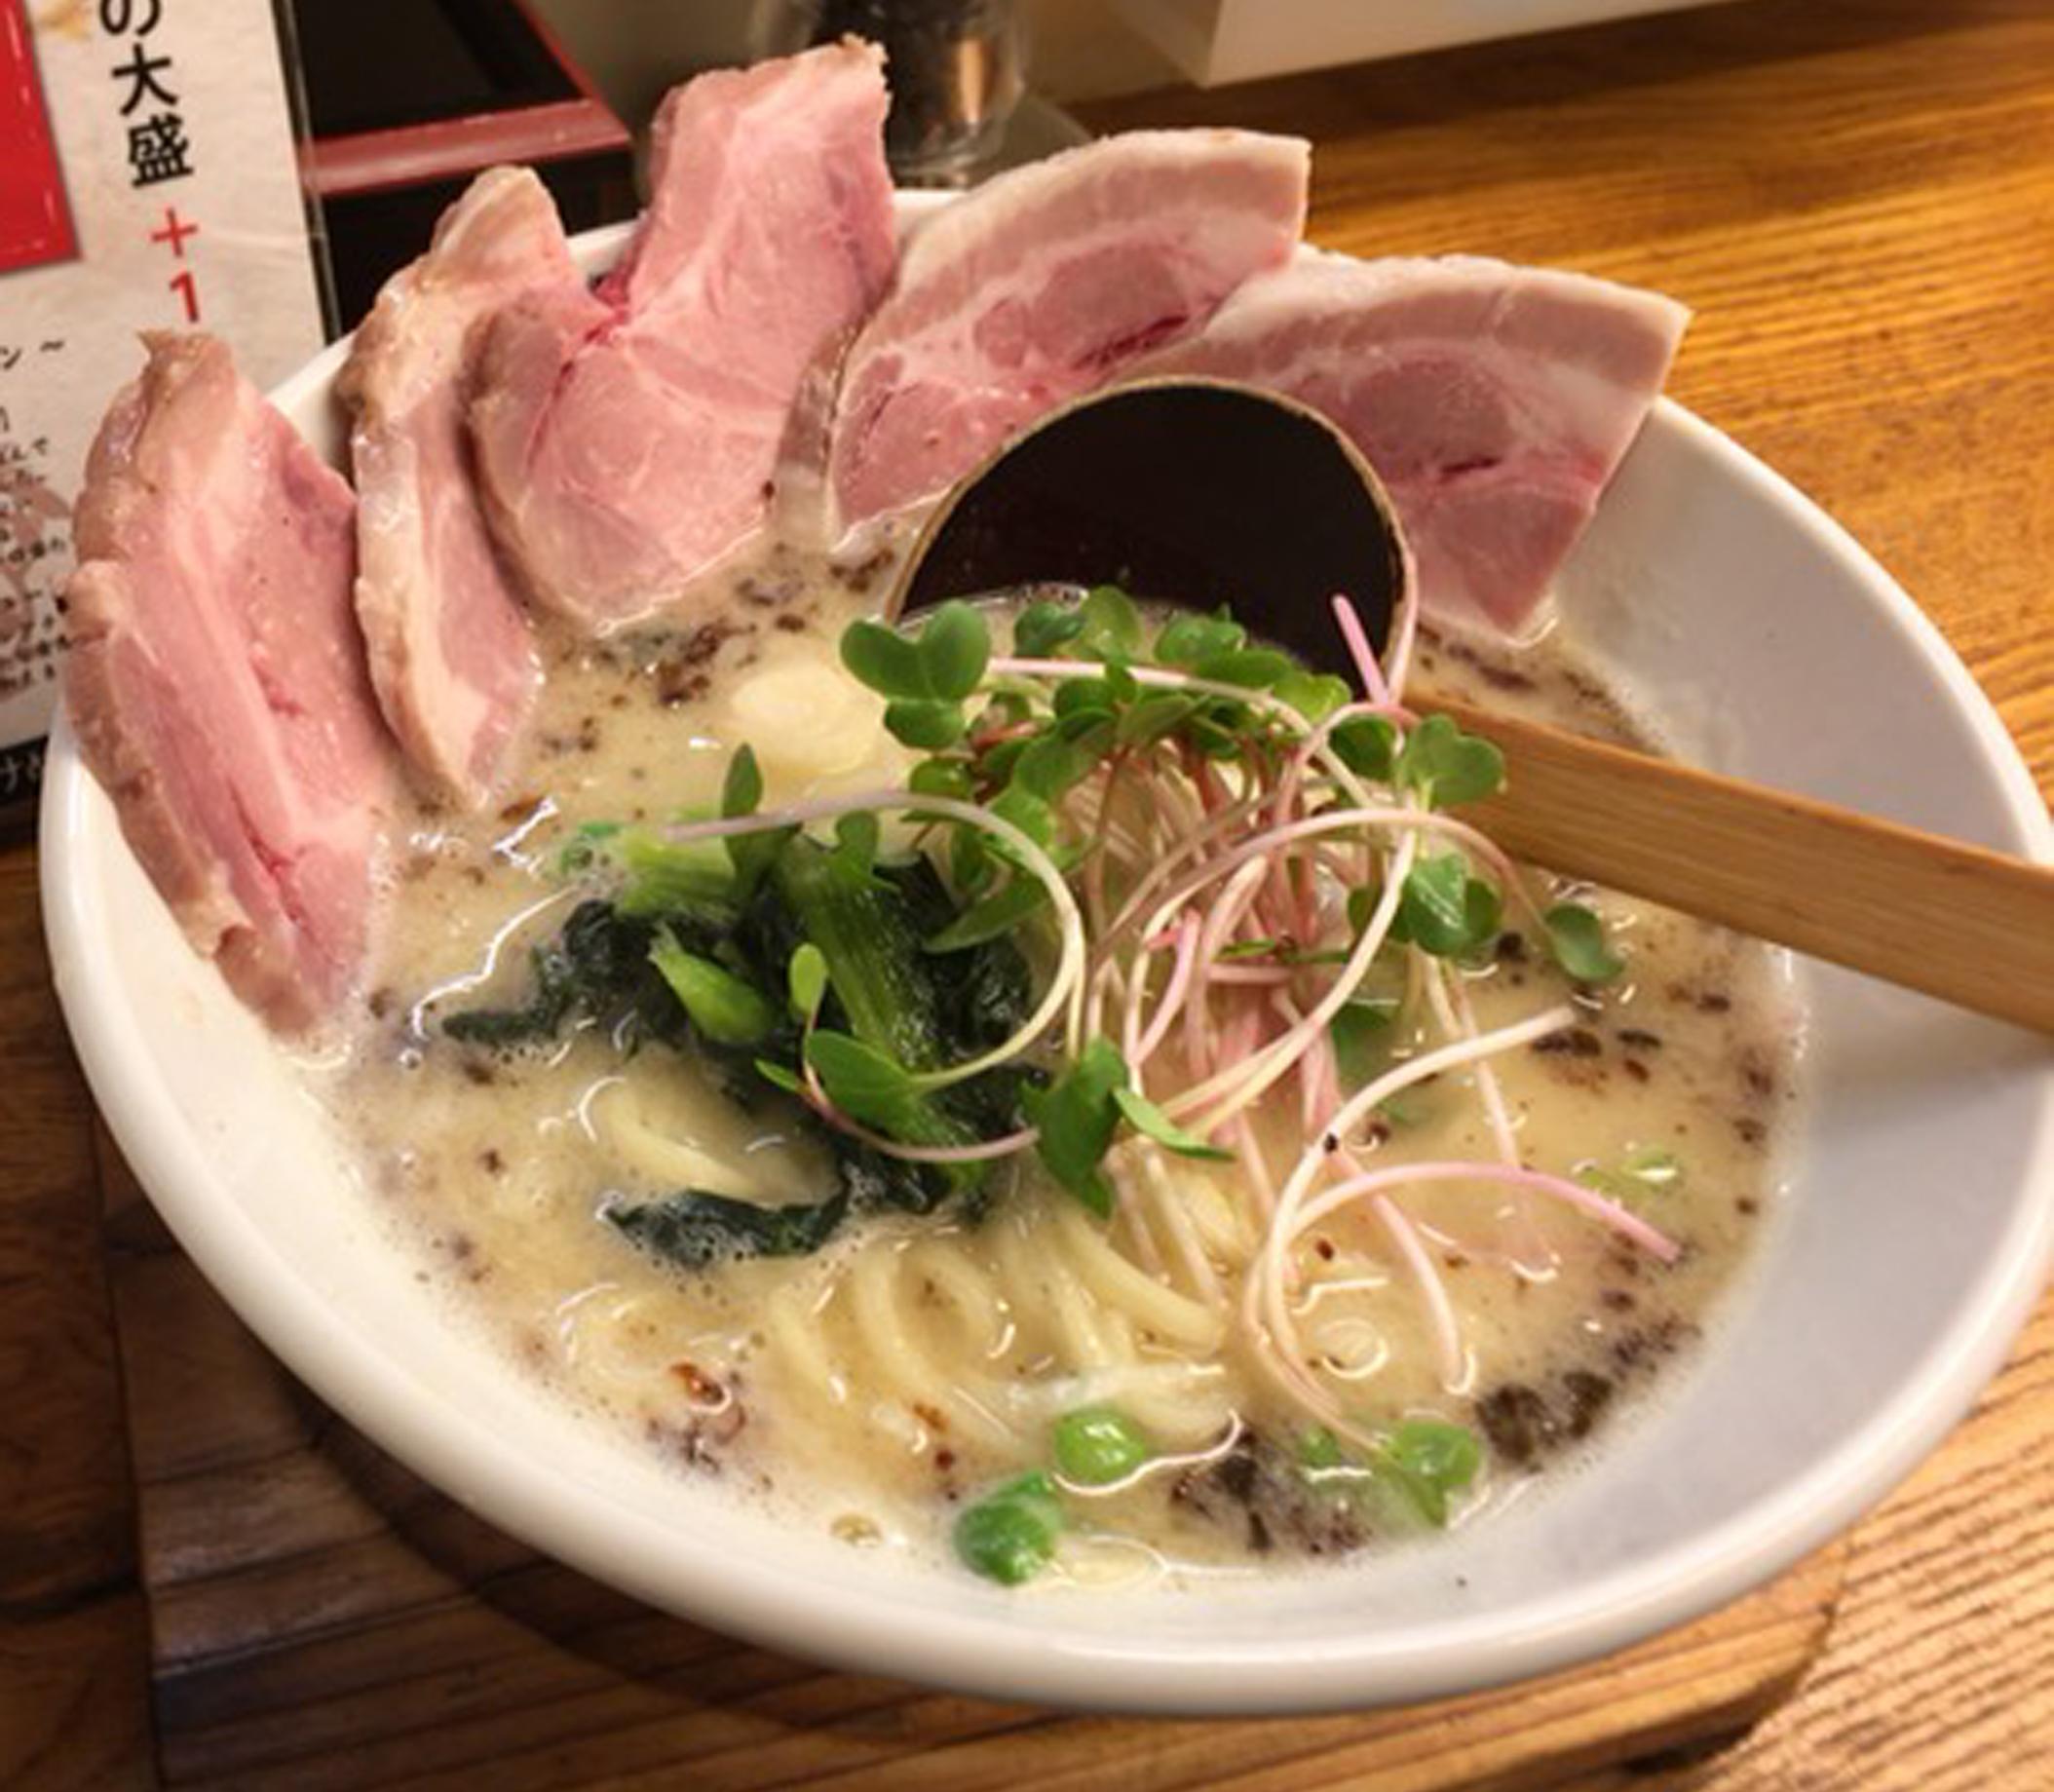 麺や 鳥の鶏次(堺市北区/ラーメン)